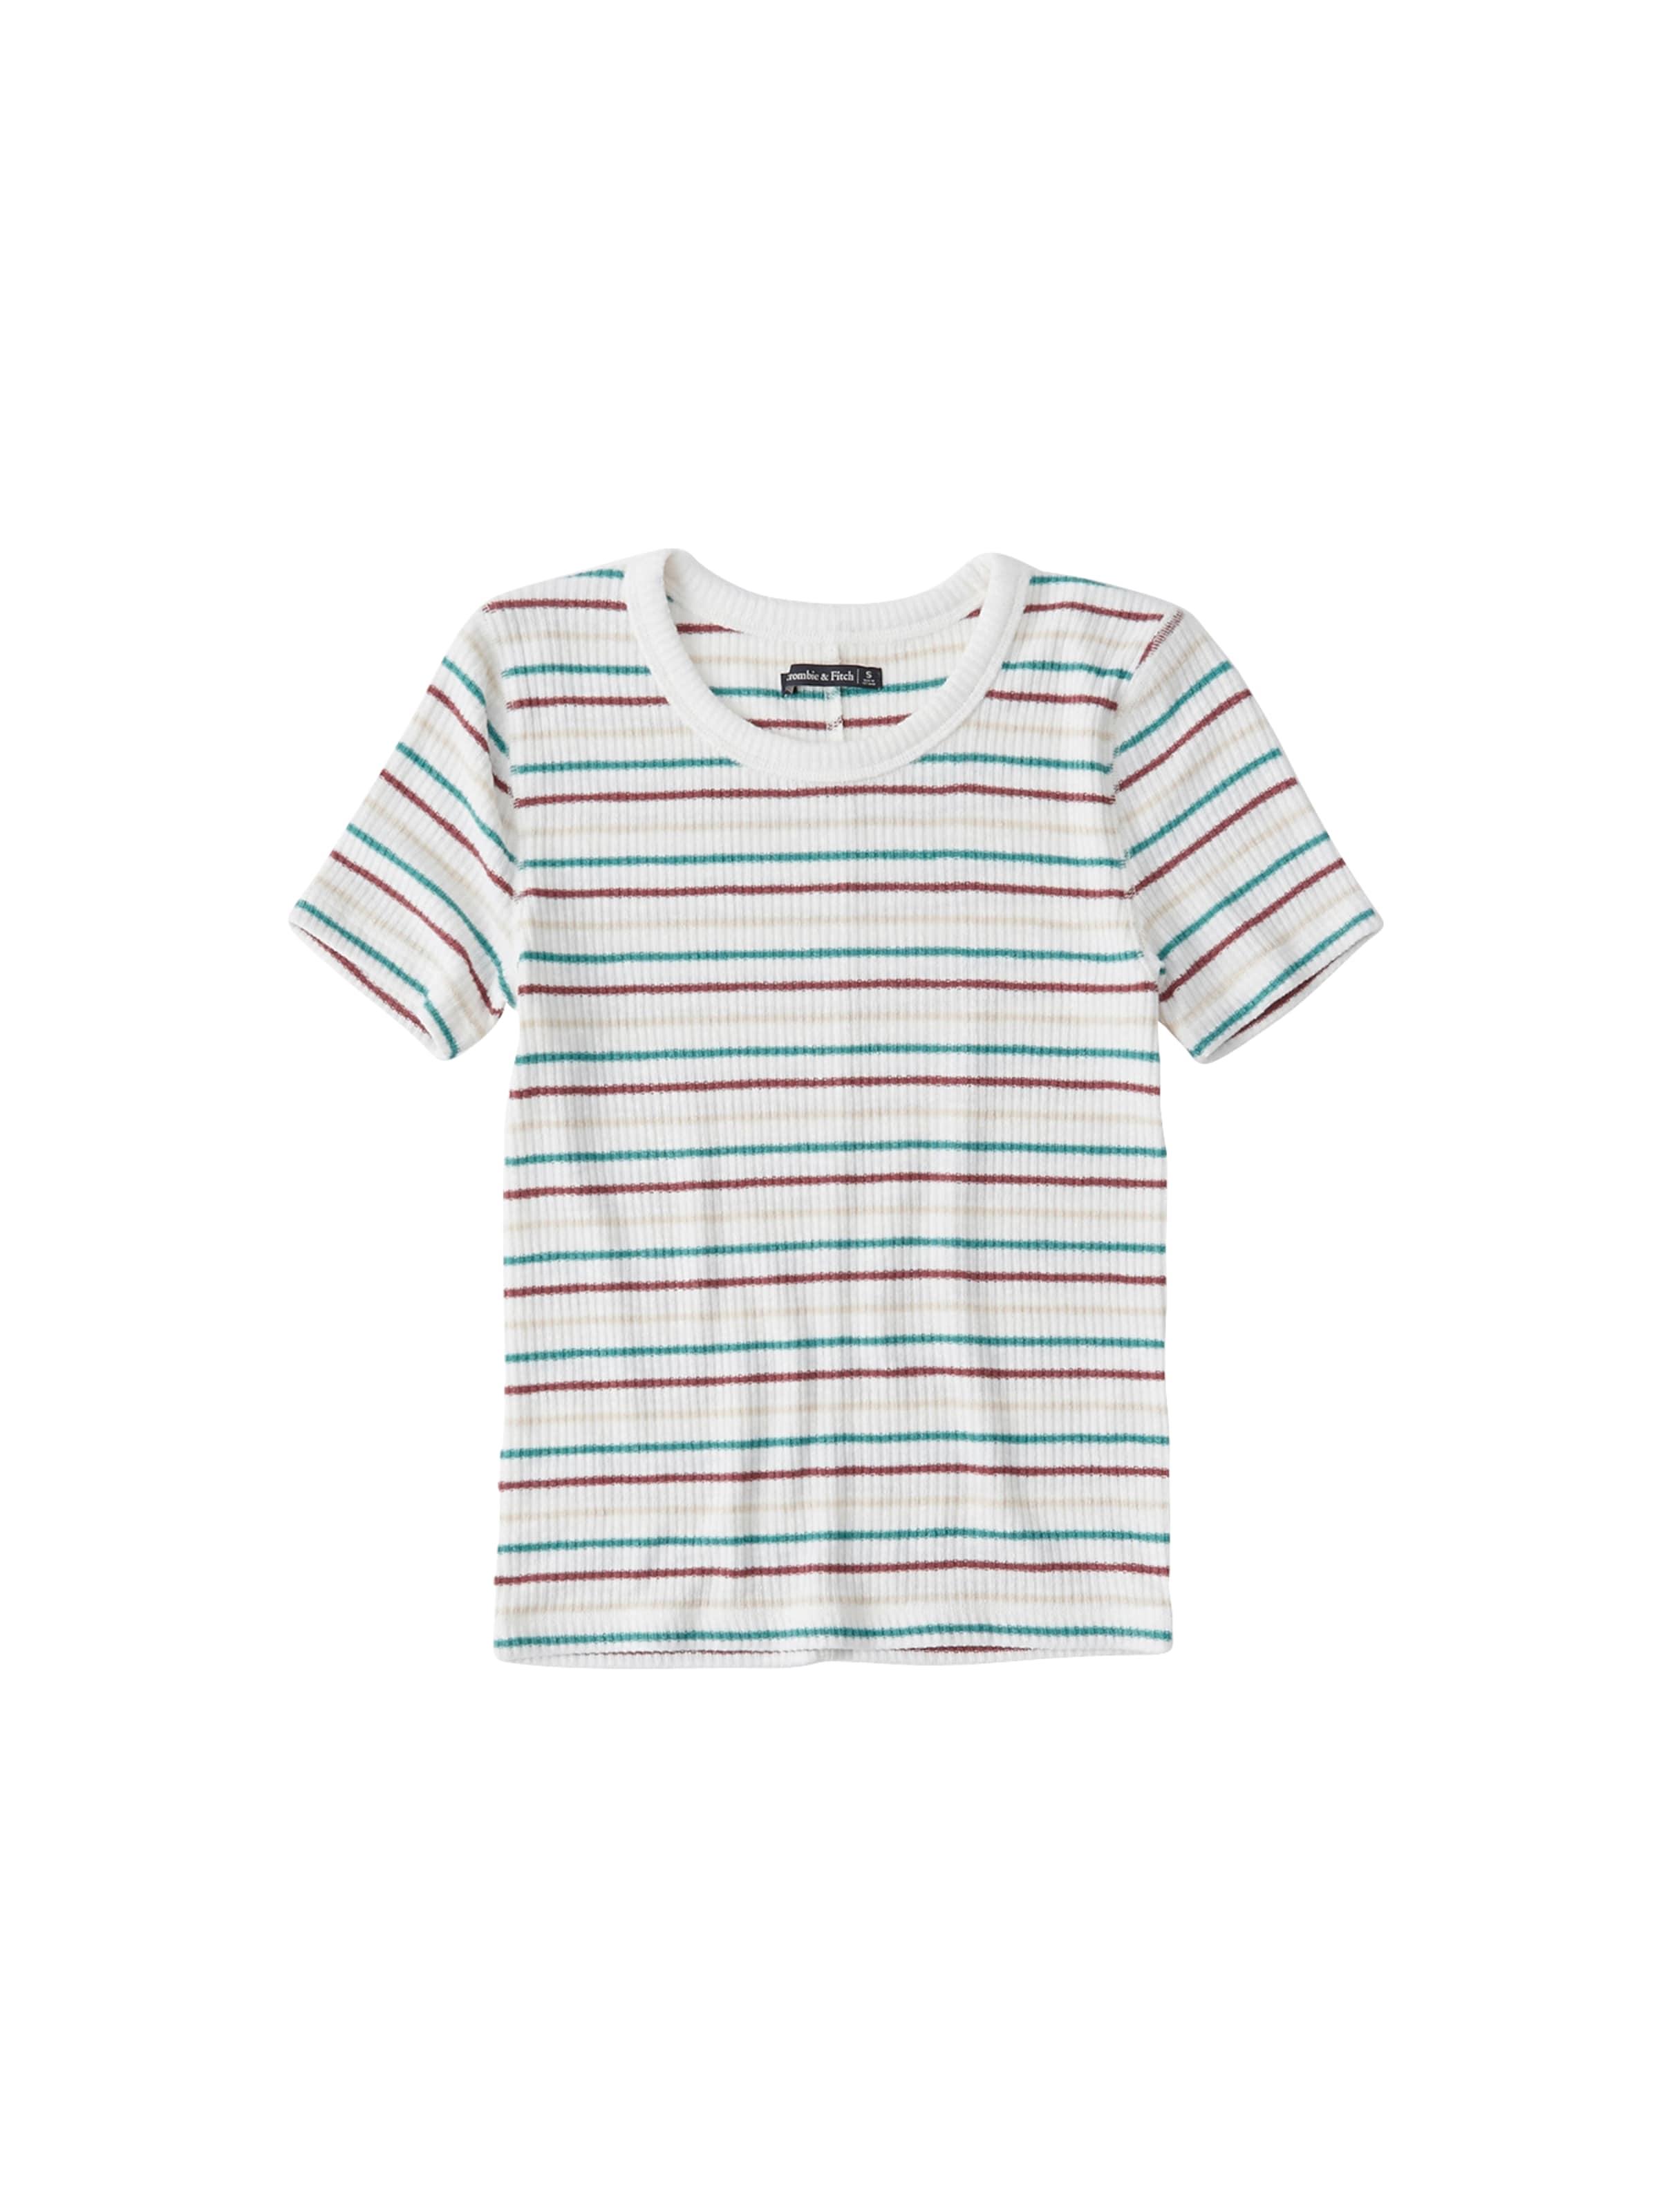 En 's119 ss' Fitch T De CouleursBlanc Mélange shirt Abercrombieamp; c3S4RjLA5q